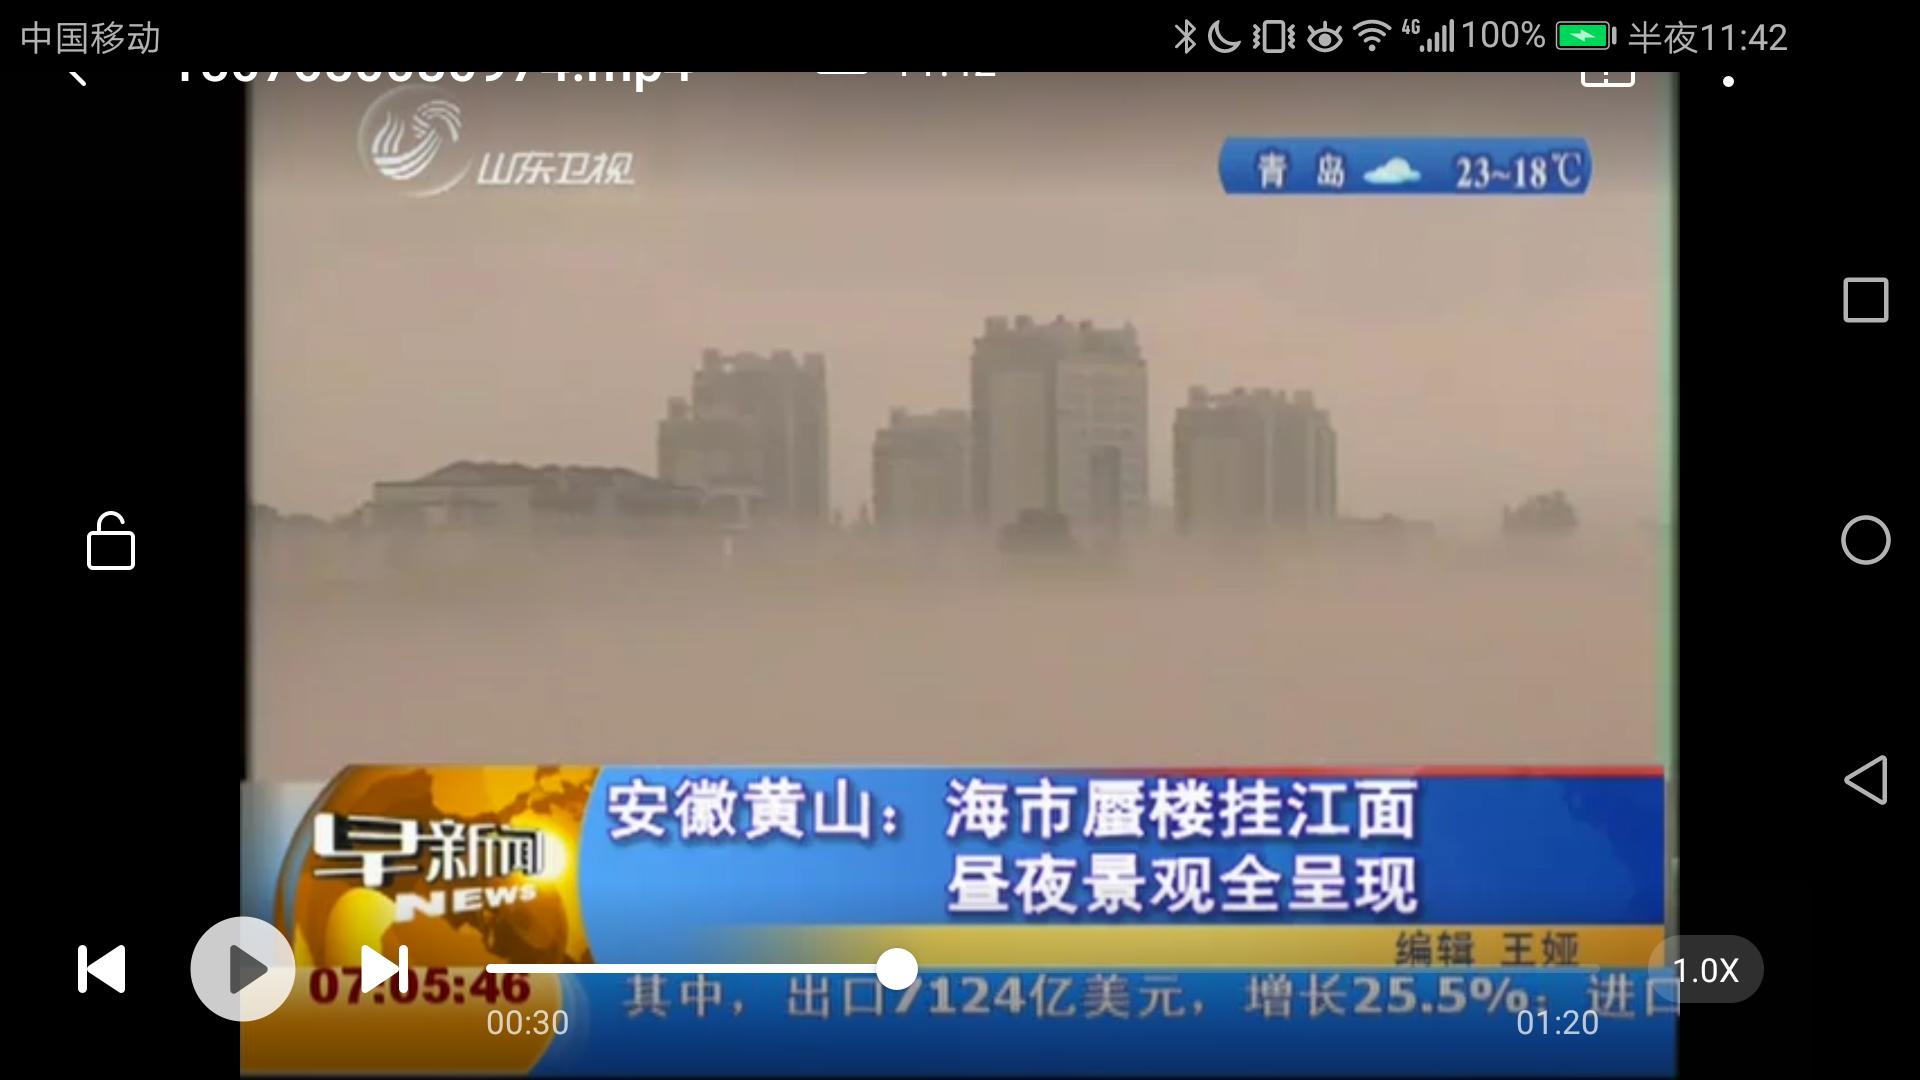 山东济南新闻视频_海市蜃楼的原景有没有被找到过? - 知乎